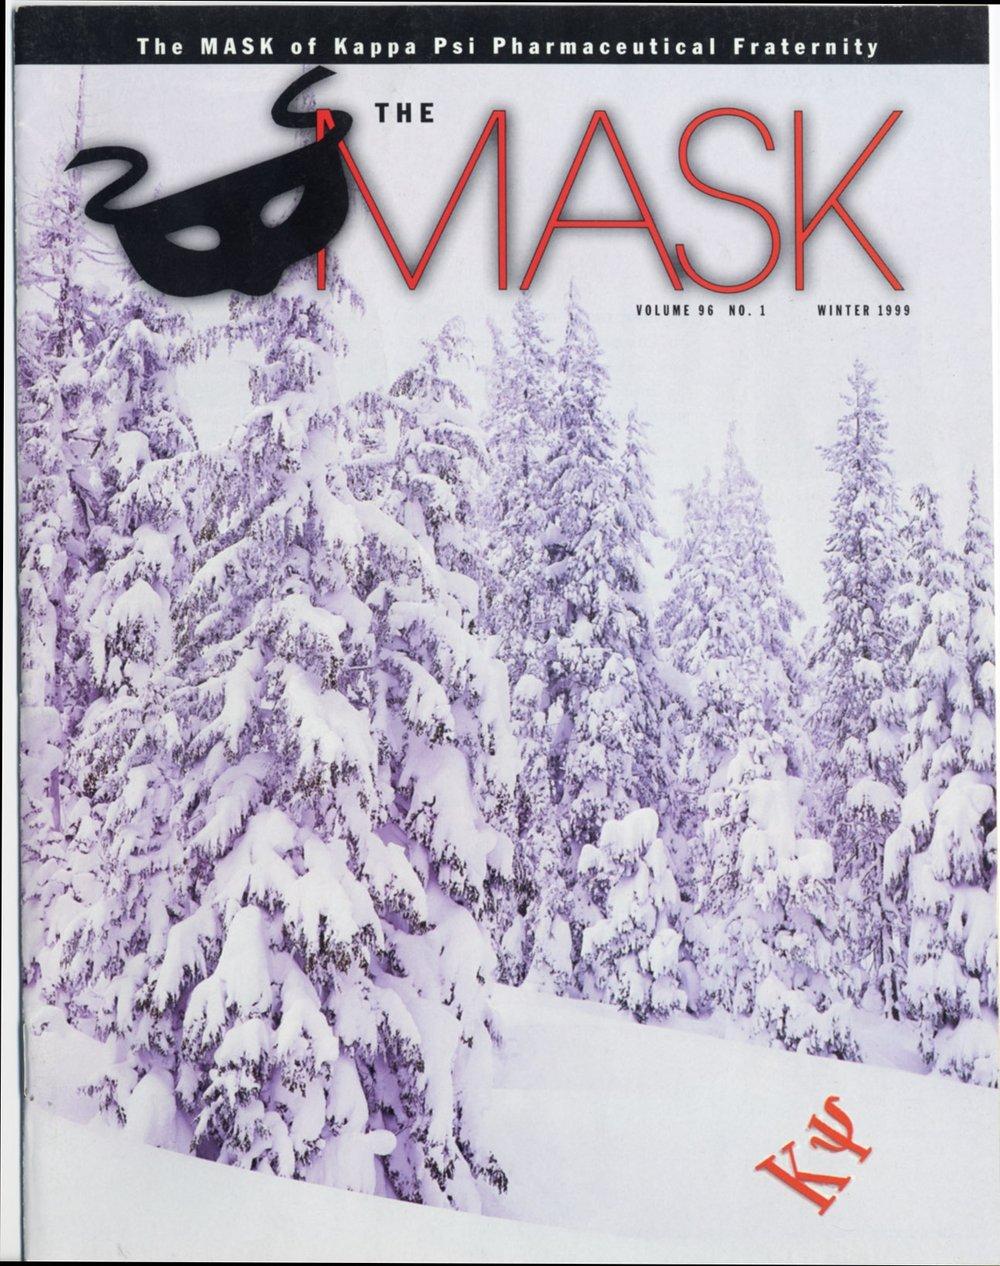 mask_cover_96-1_1999_win.jpg